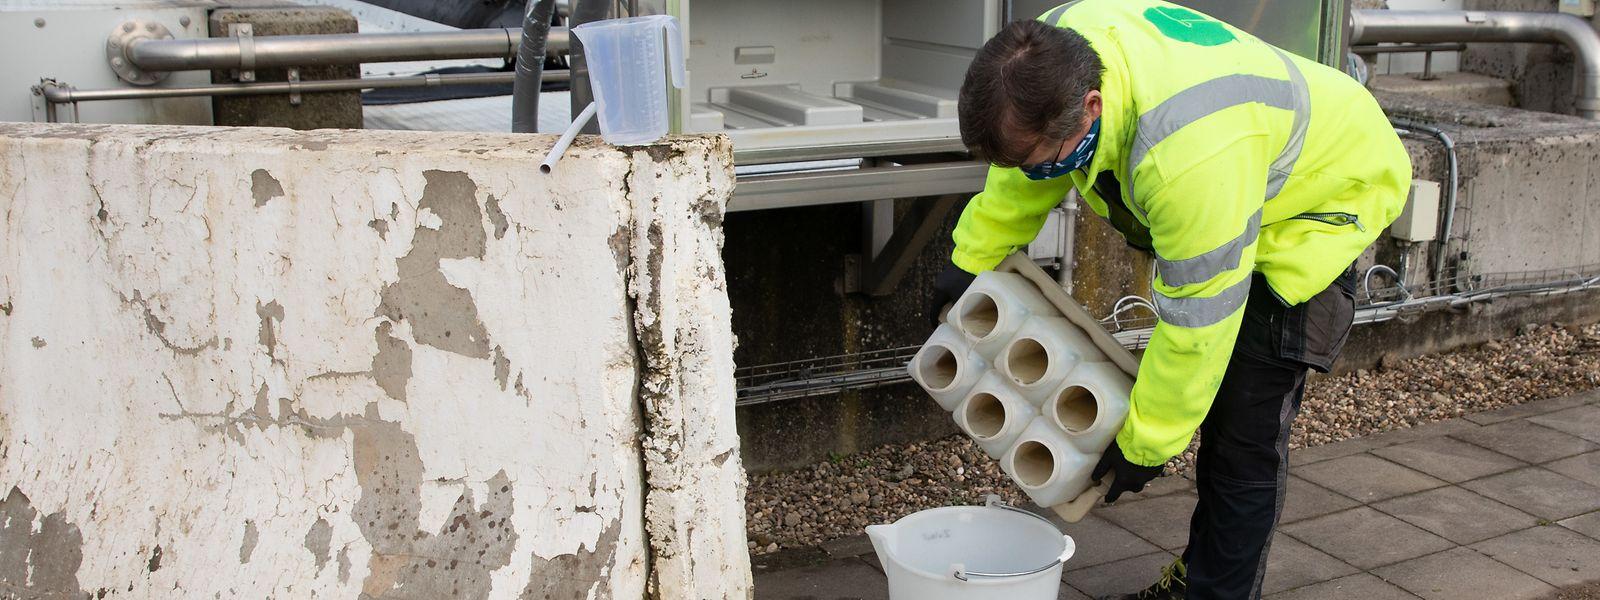 La situation reste préoccupante au regard des analyses d'eaux sales des stations d'épuration du pays.